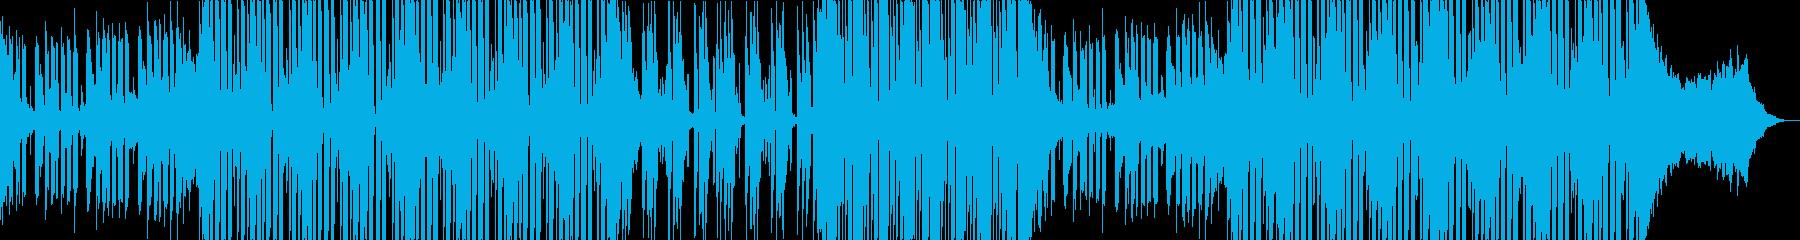 情熱的なフューチャーポップの再生済みの波形